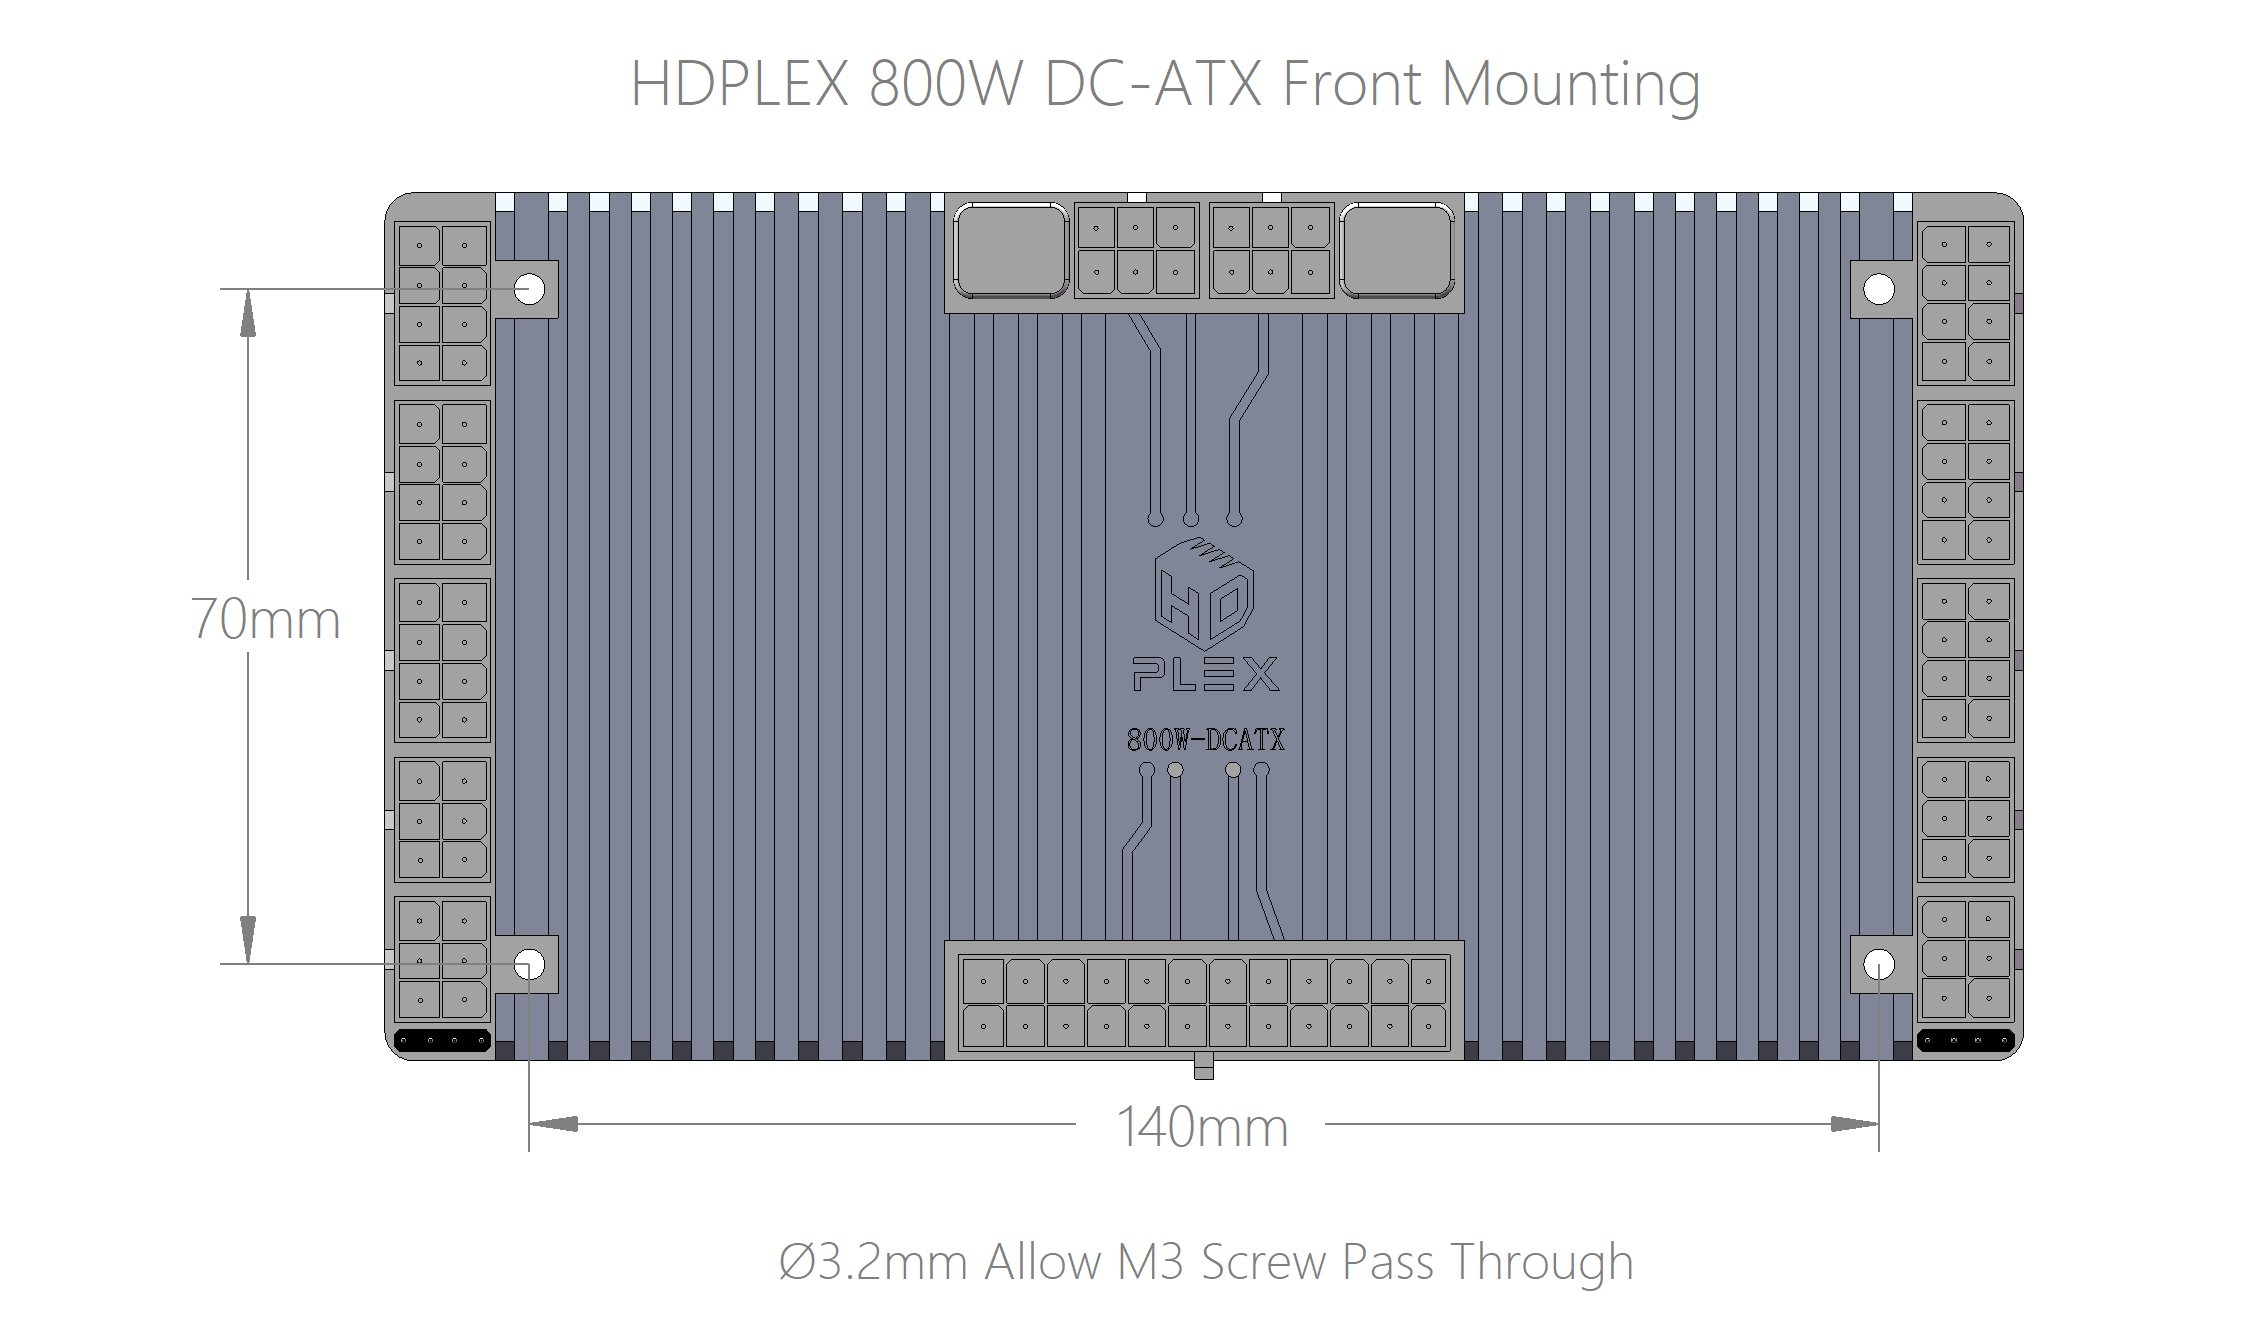 HDPLEX 800W DC-ATX Converter Mounting